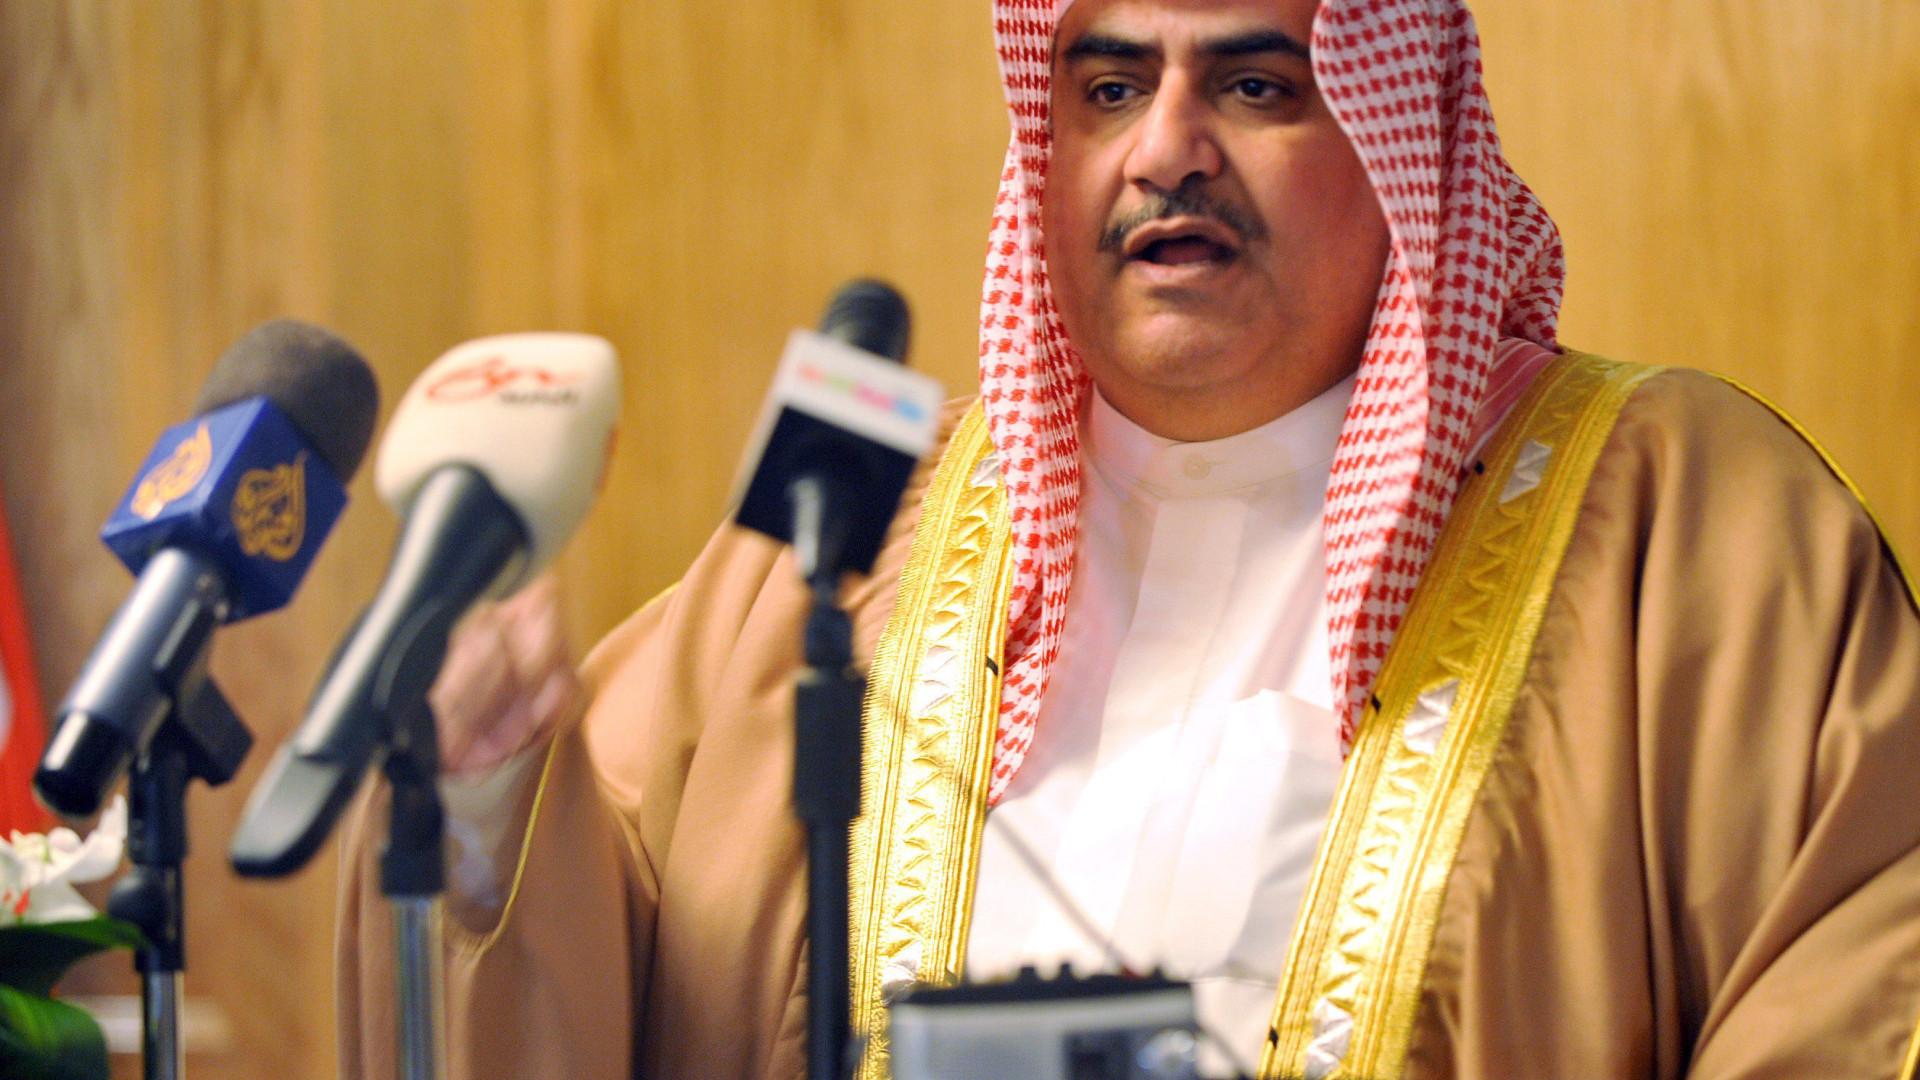 'Rumores': premiê do Líbano nega que tenha sido detido na Arábia Saudita